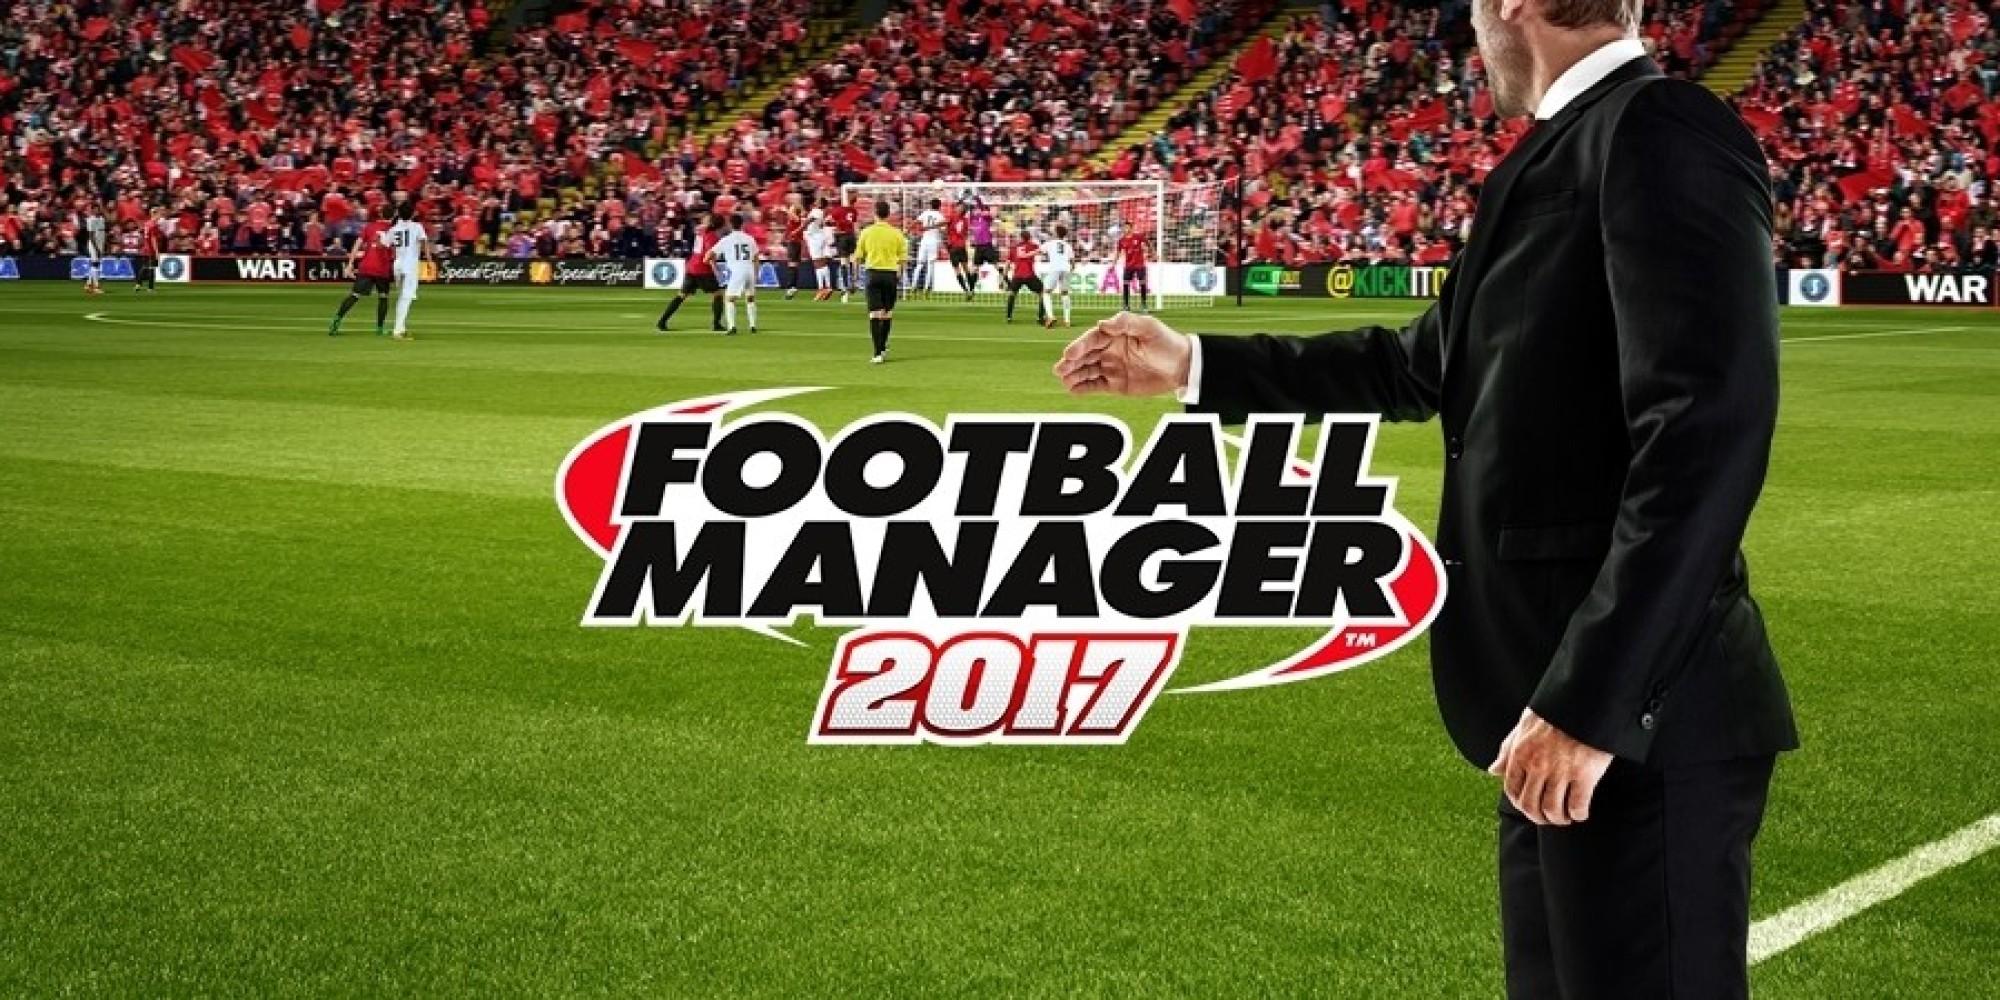 FOTBALL EM MANAGER